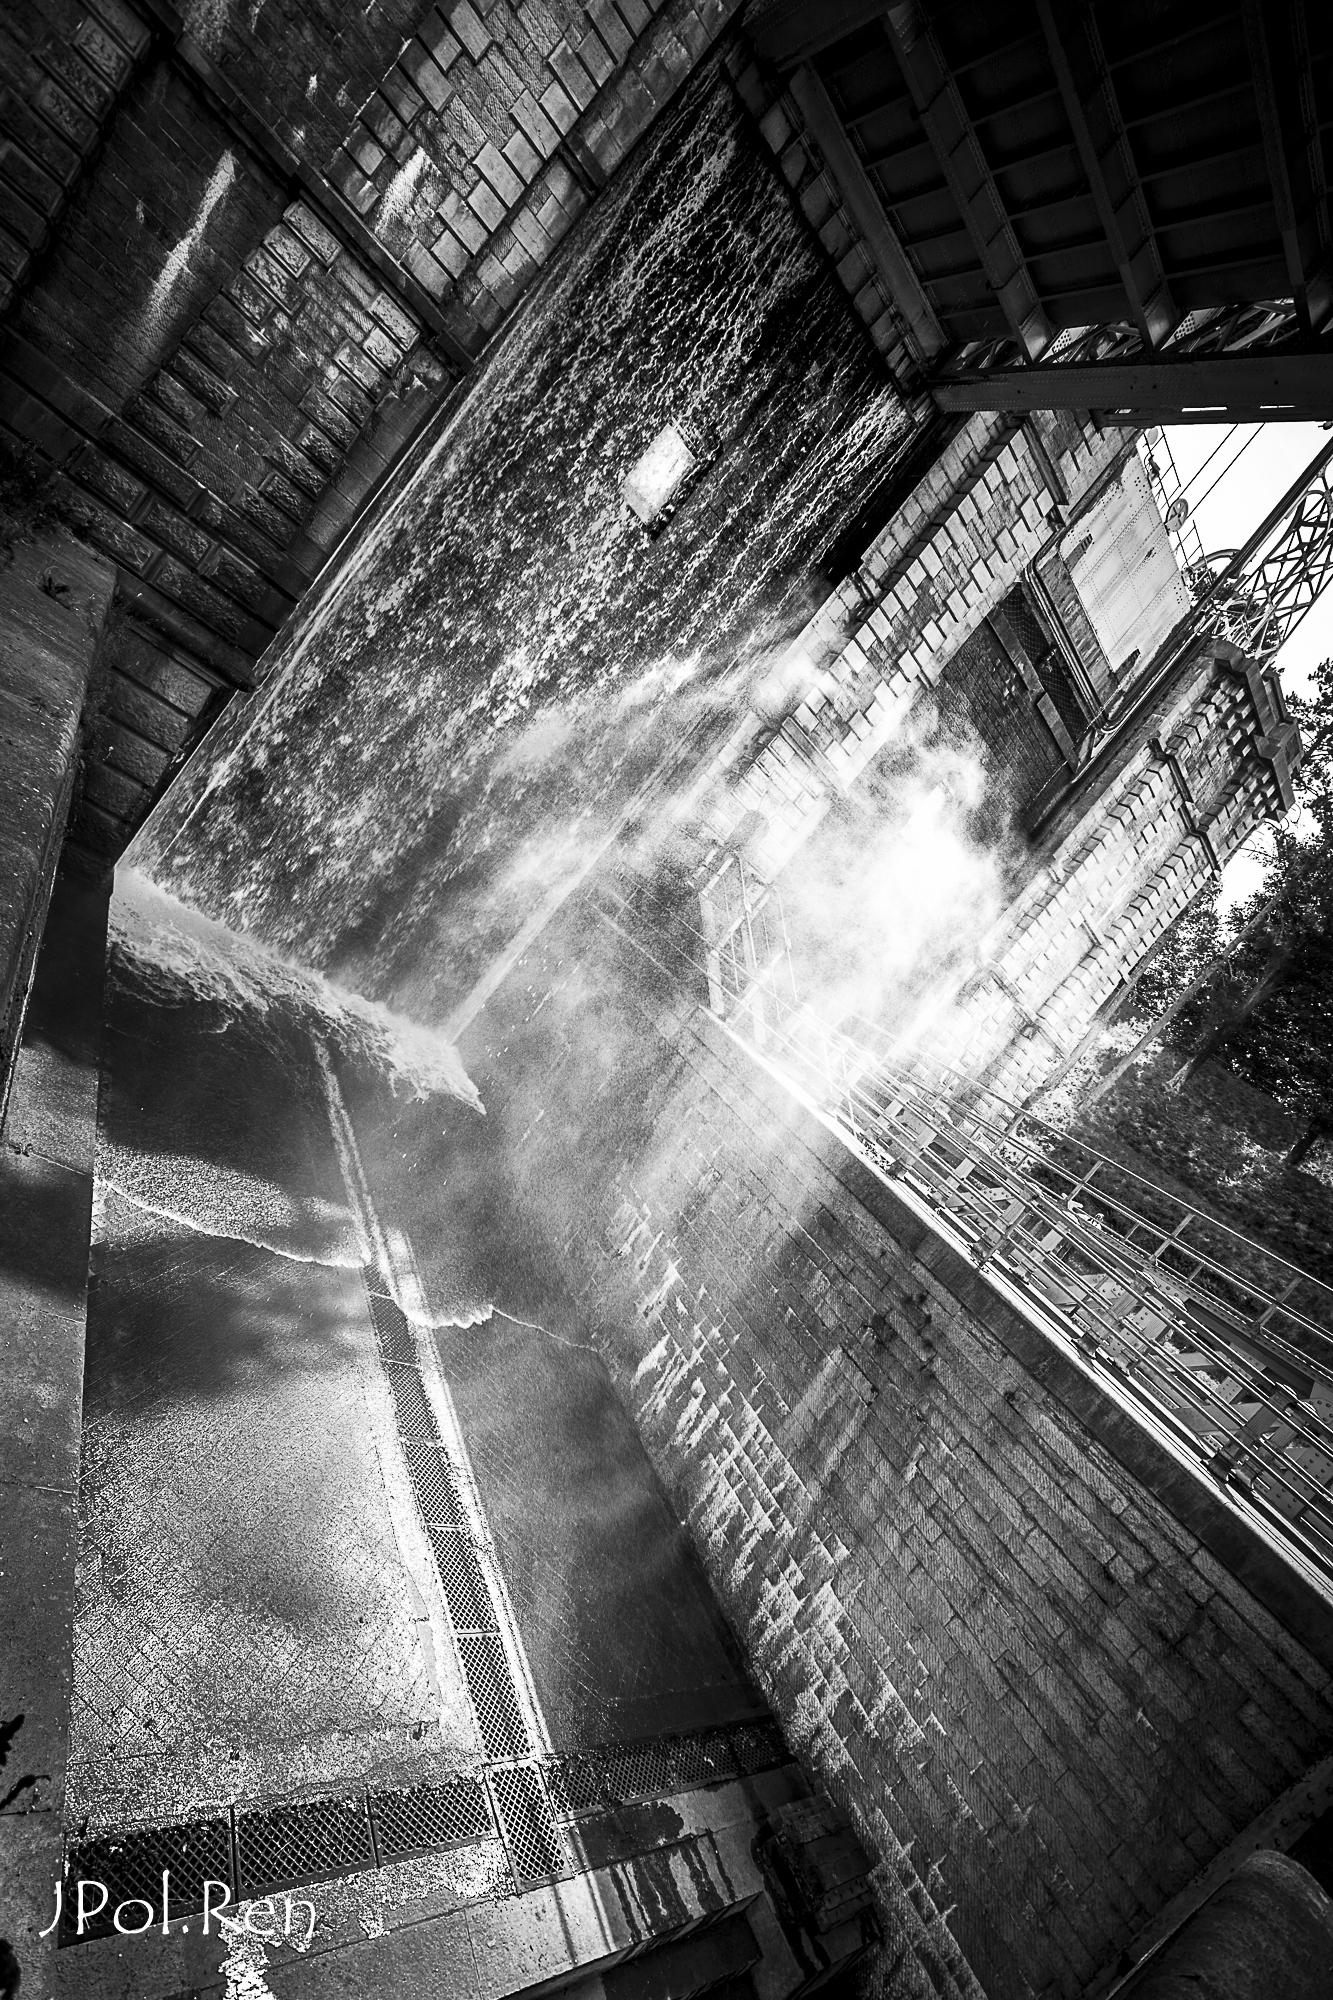 Sortie Ascenseurs canal du centre : Photos 528755GG09asc10927